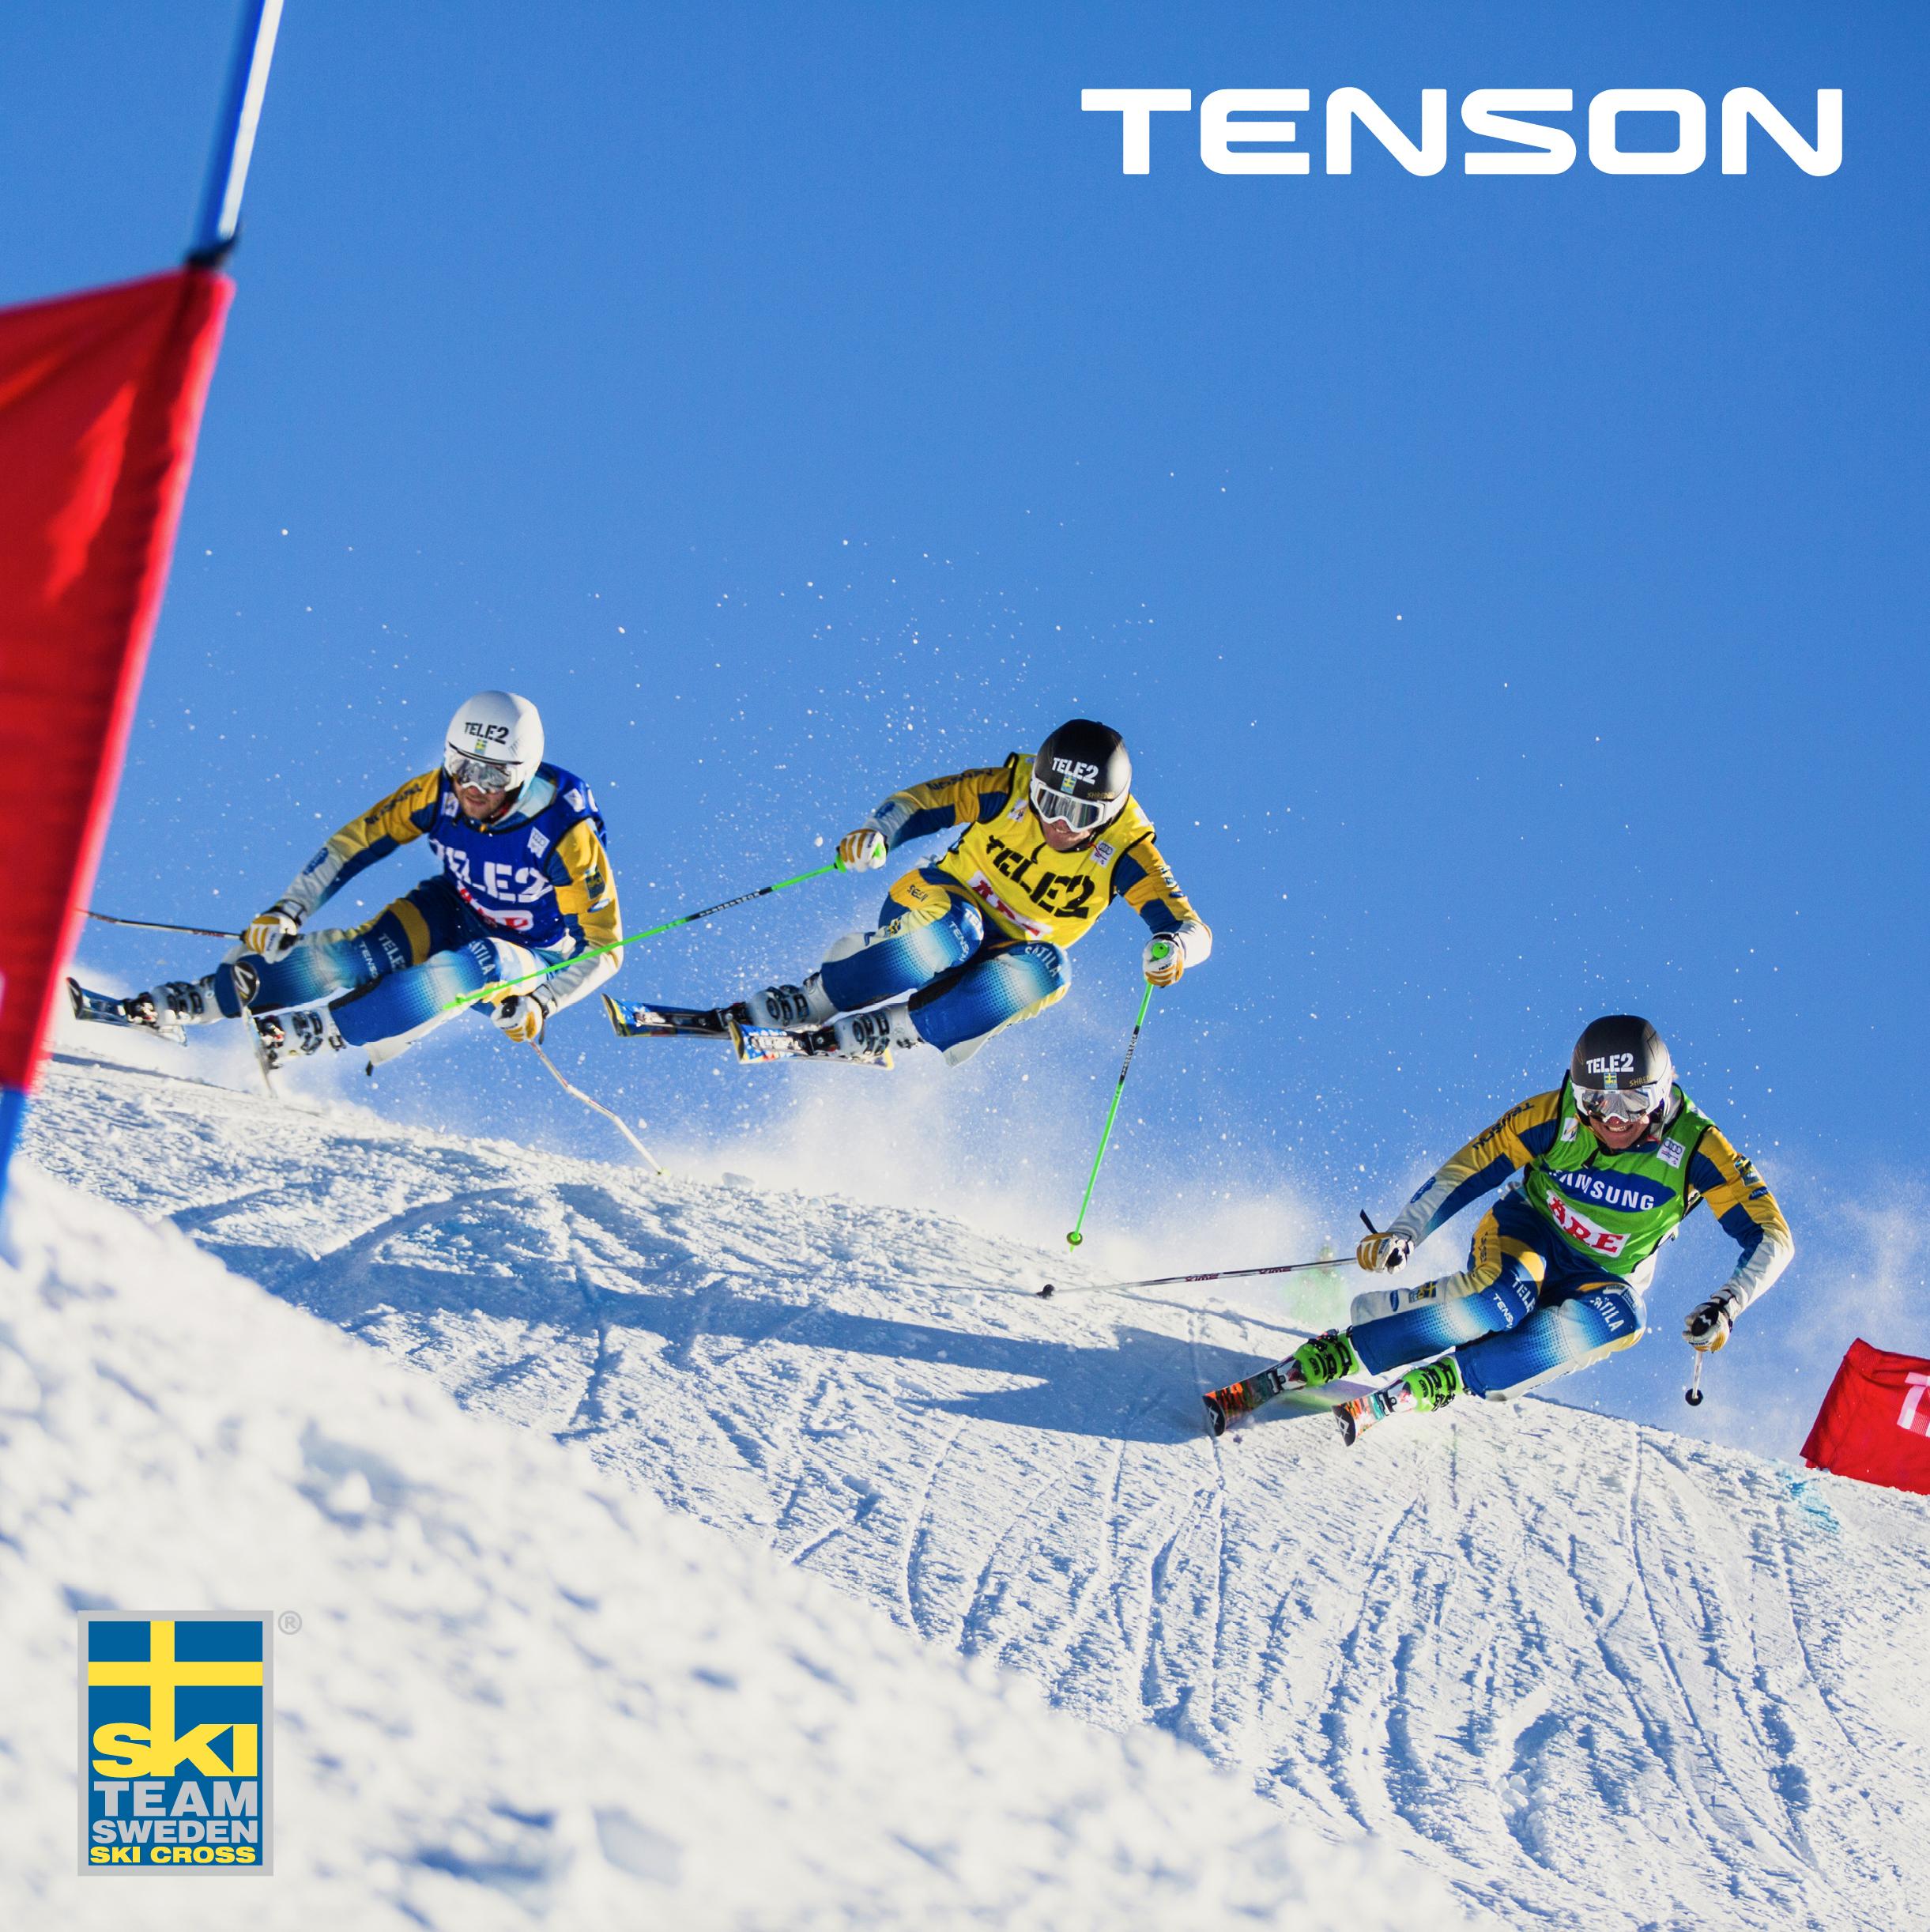 SKI TEAM SWEDEN FREESTYLE - TENSON